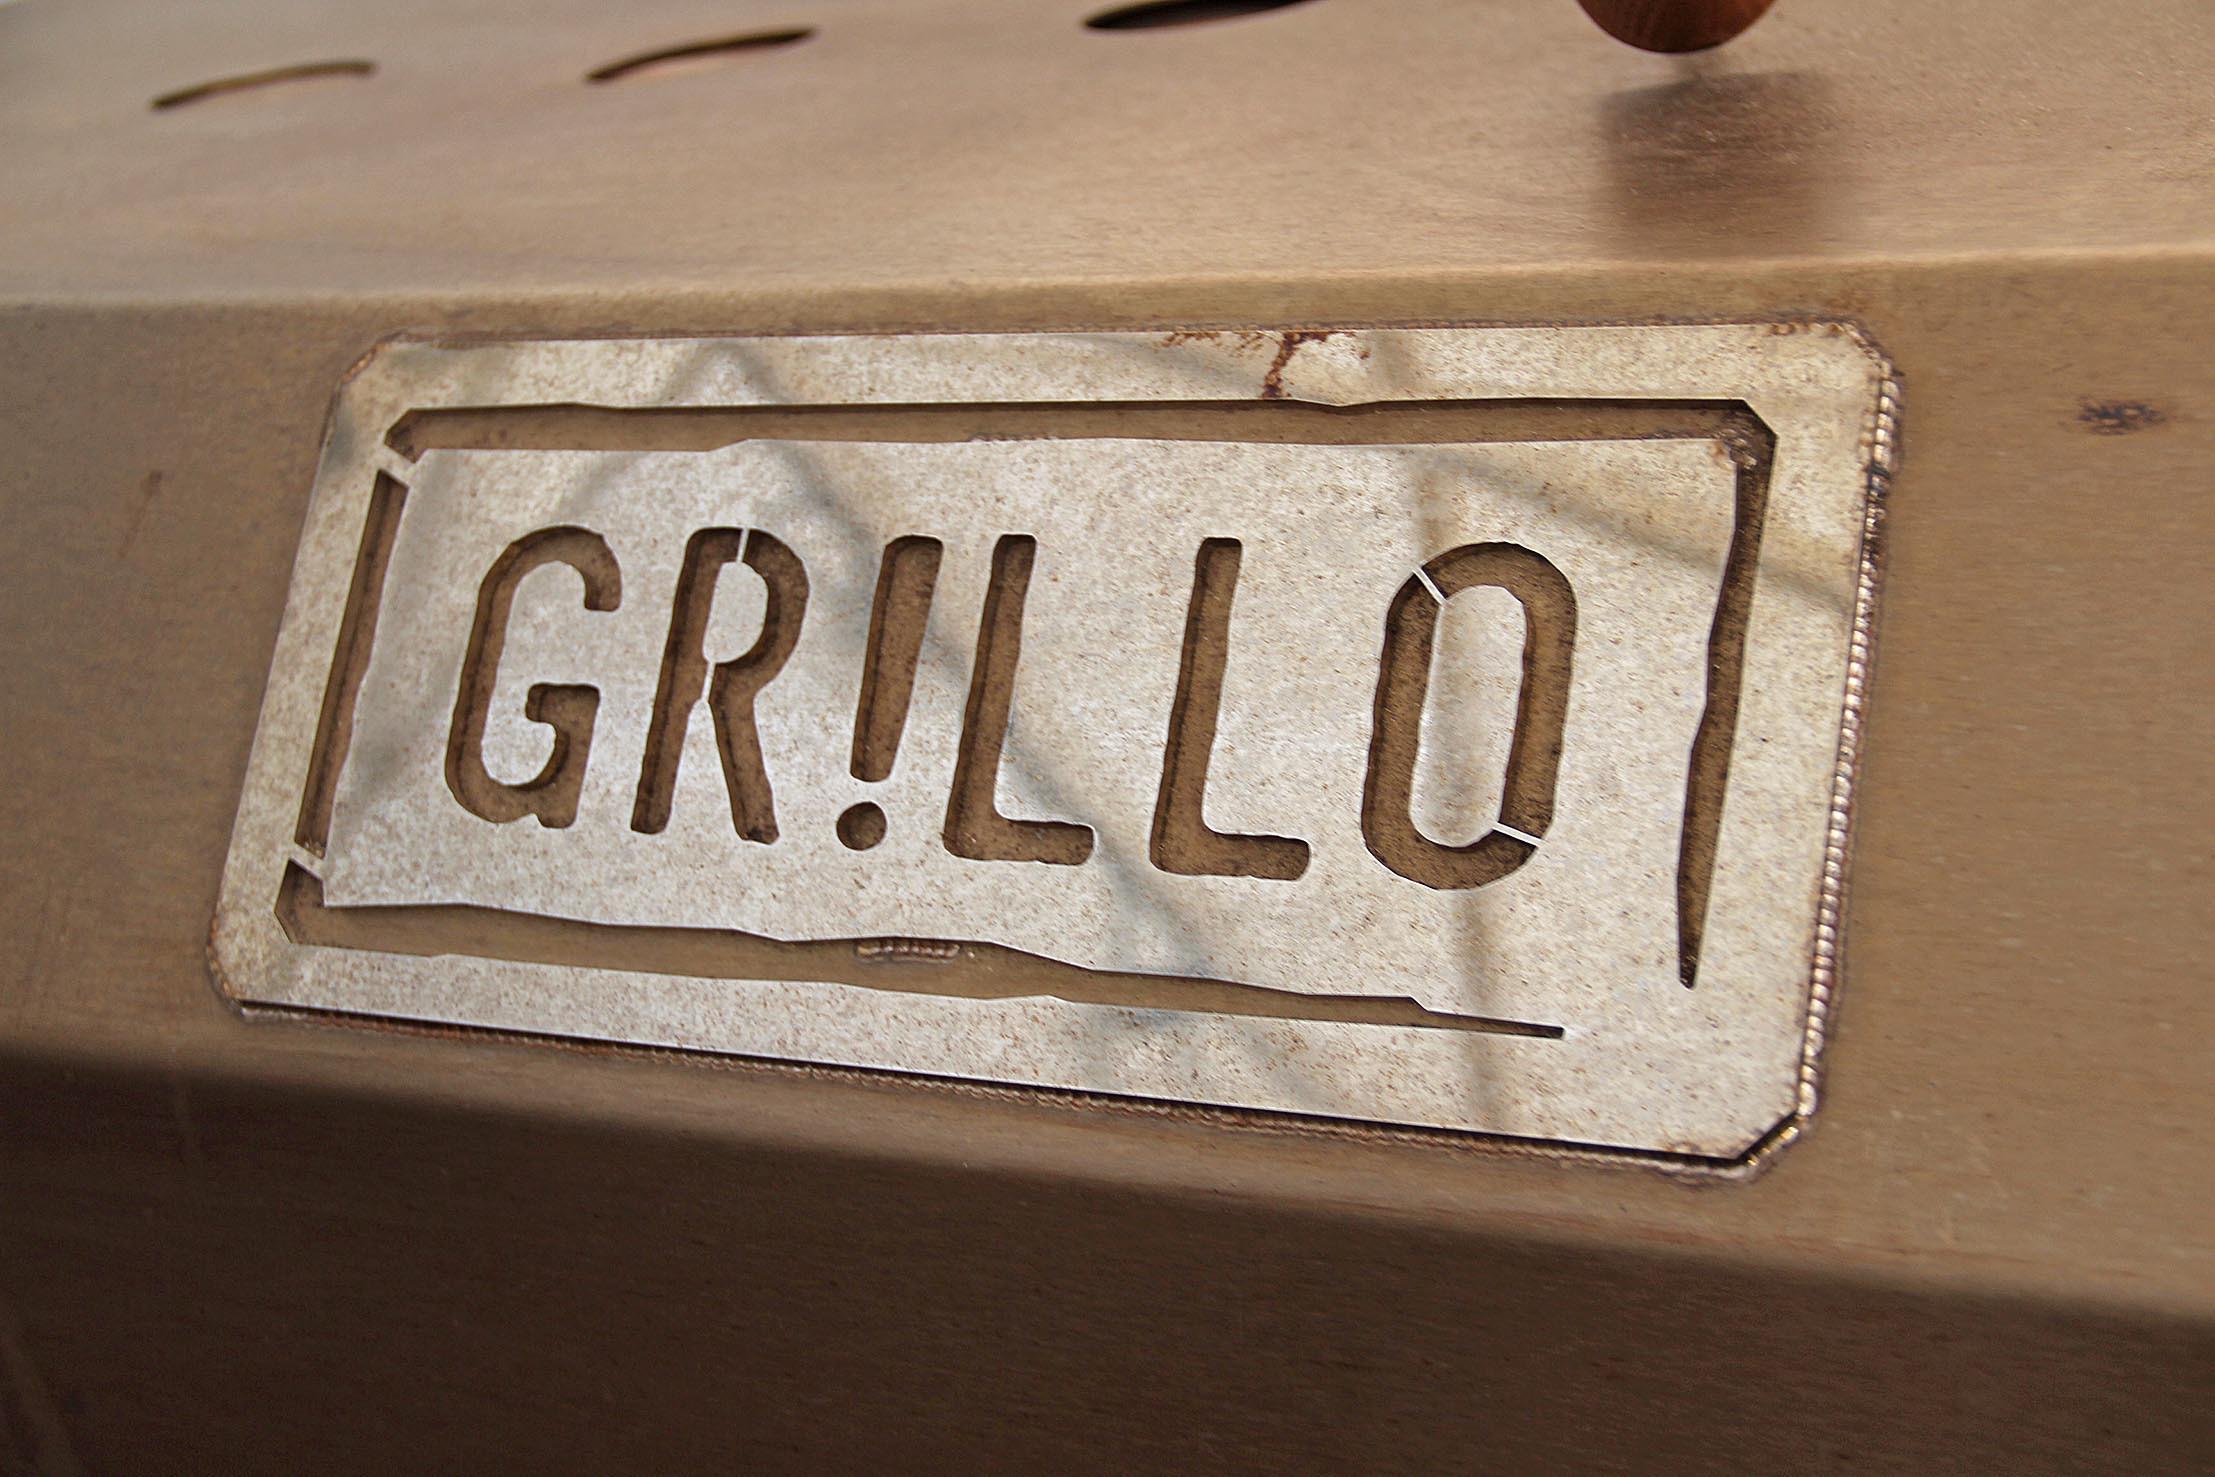 Oasen Paneel svenskpress restaurang grillo den nya oasen i gävle